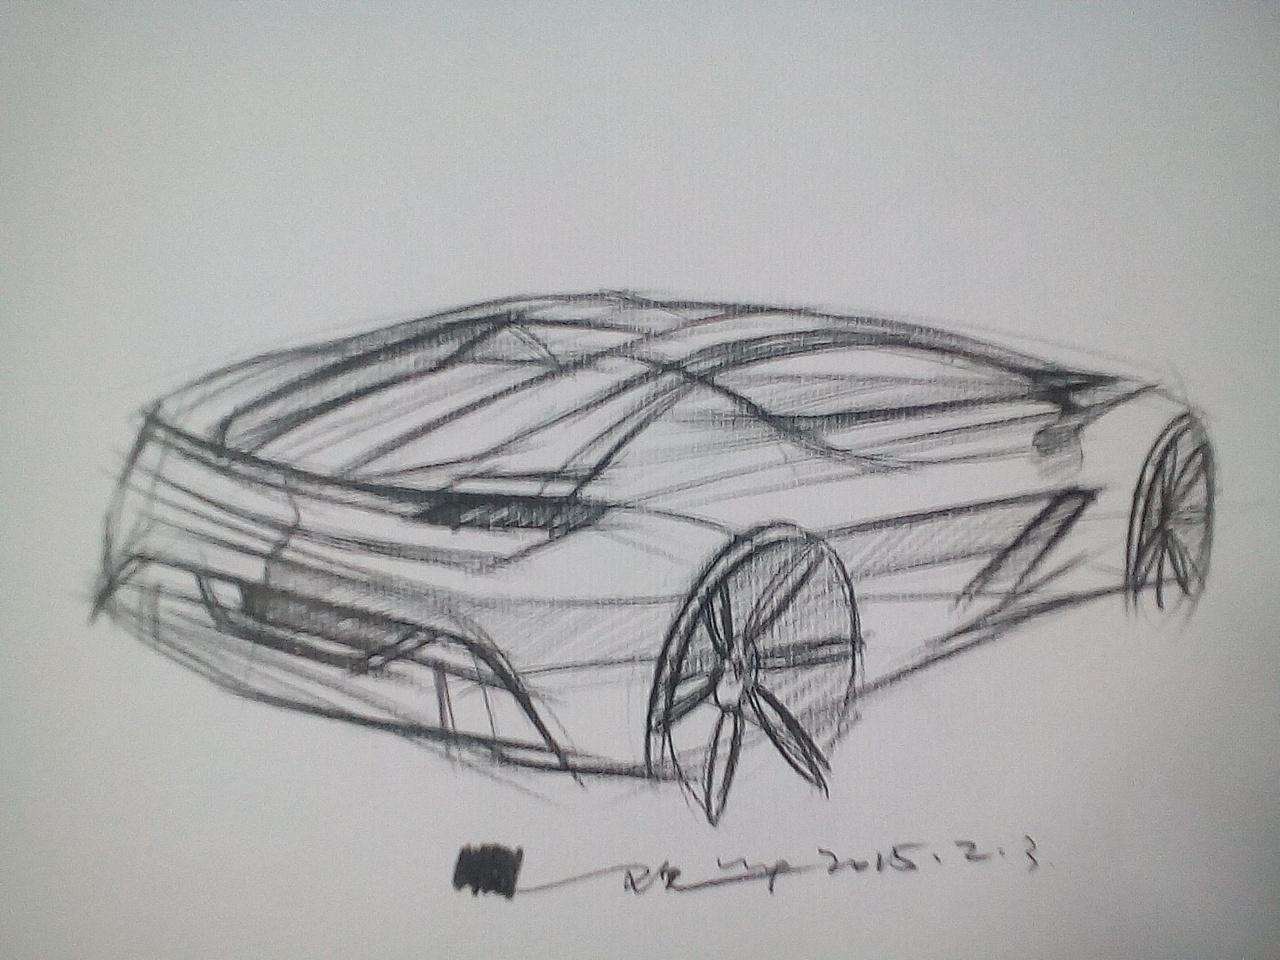 汽车手绘|工业/产品|交通工具|sj18380434309 - 原创